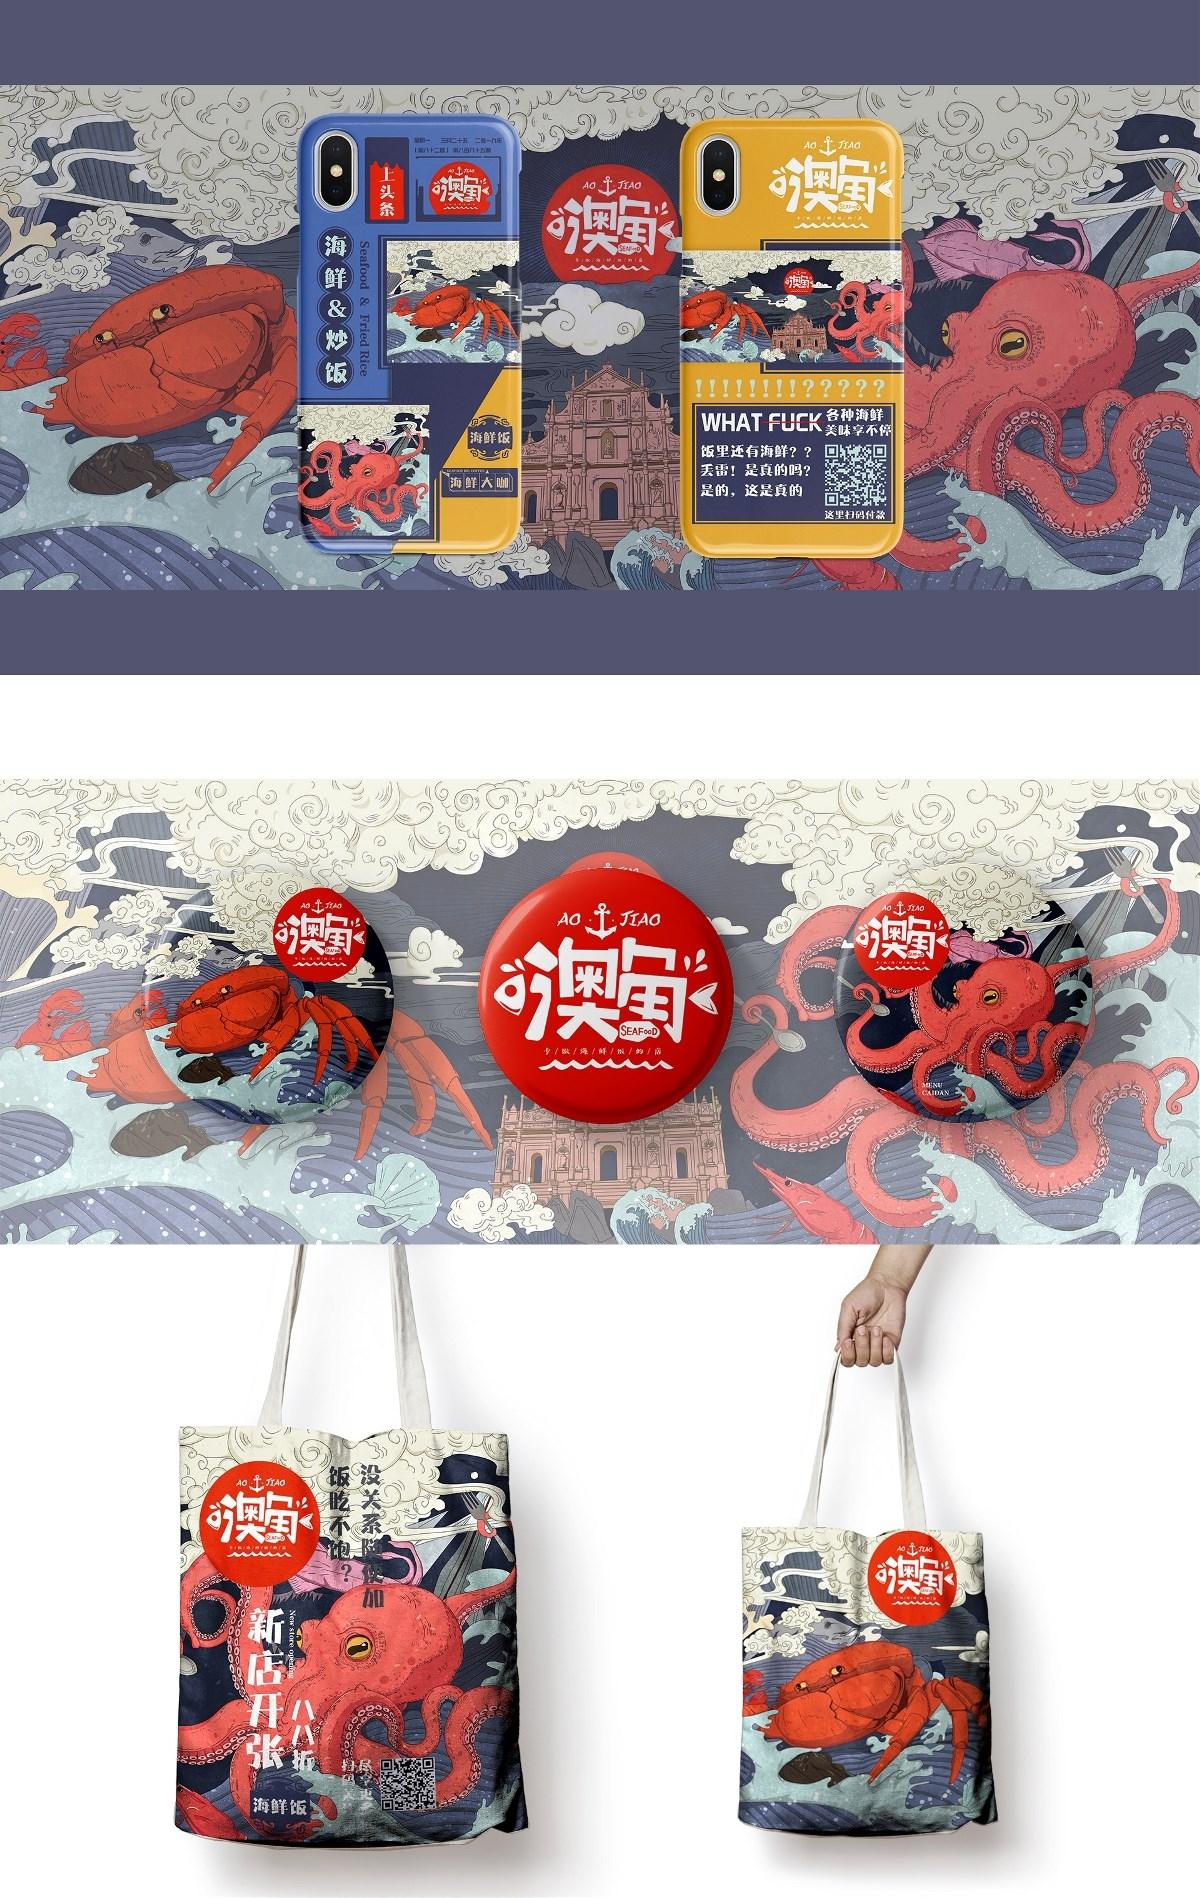 '澳角'海鲜炒饭品牌整合设计